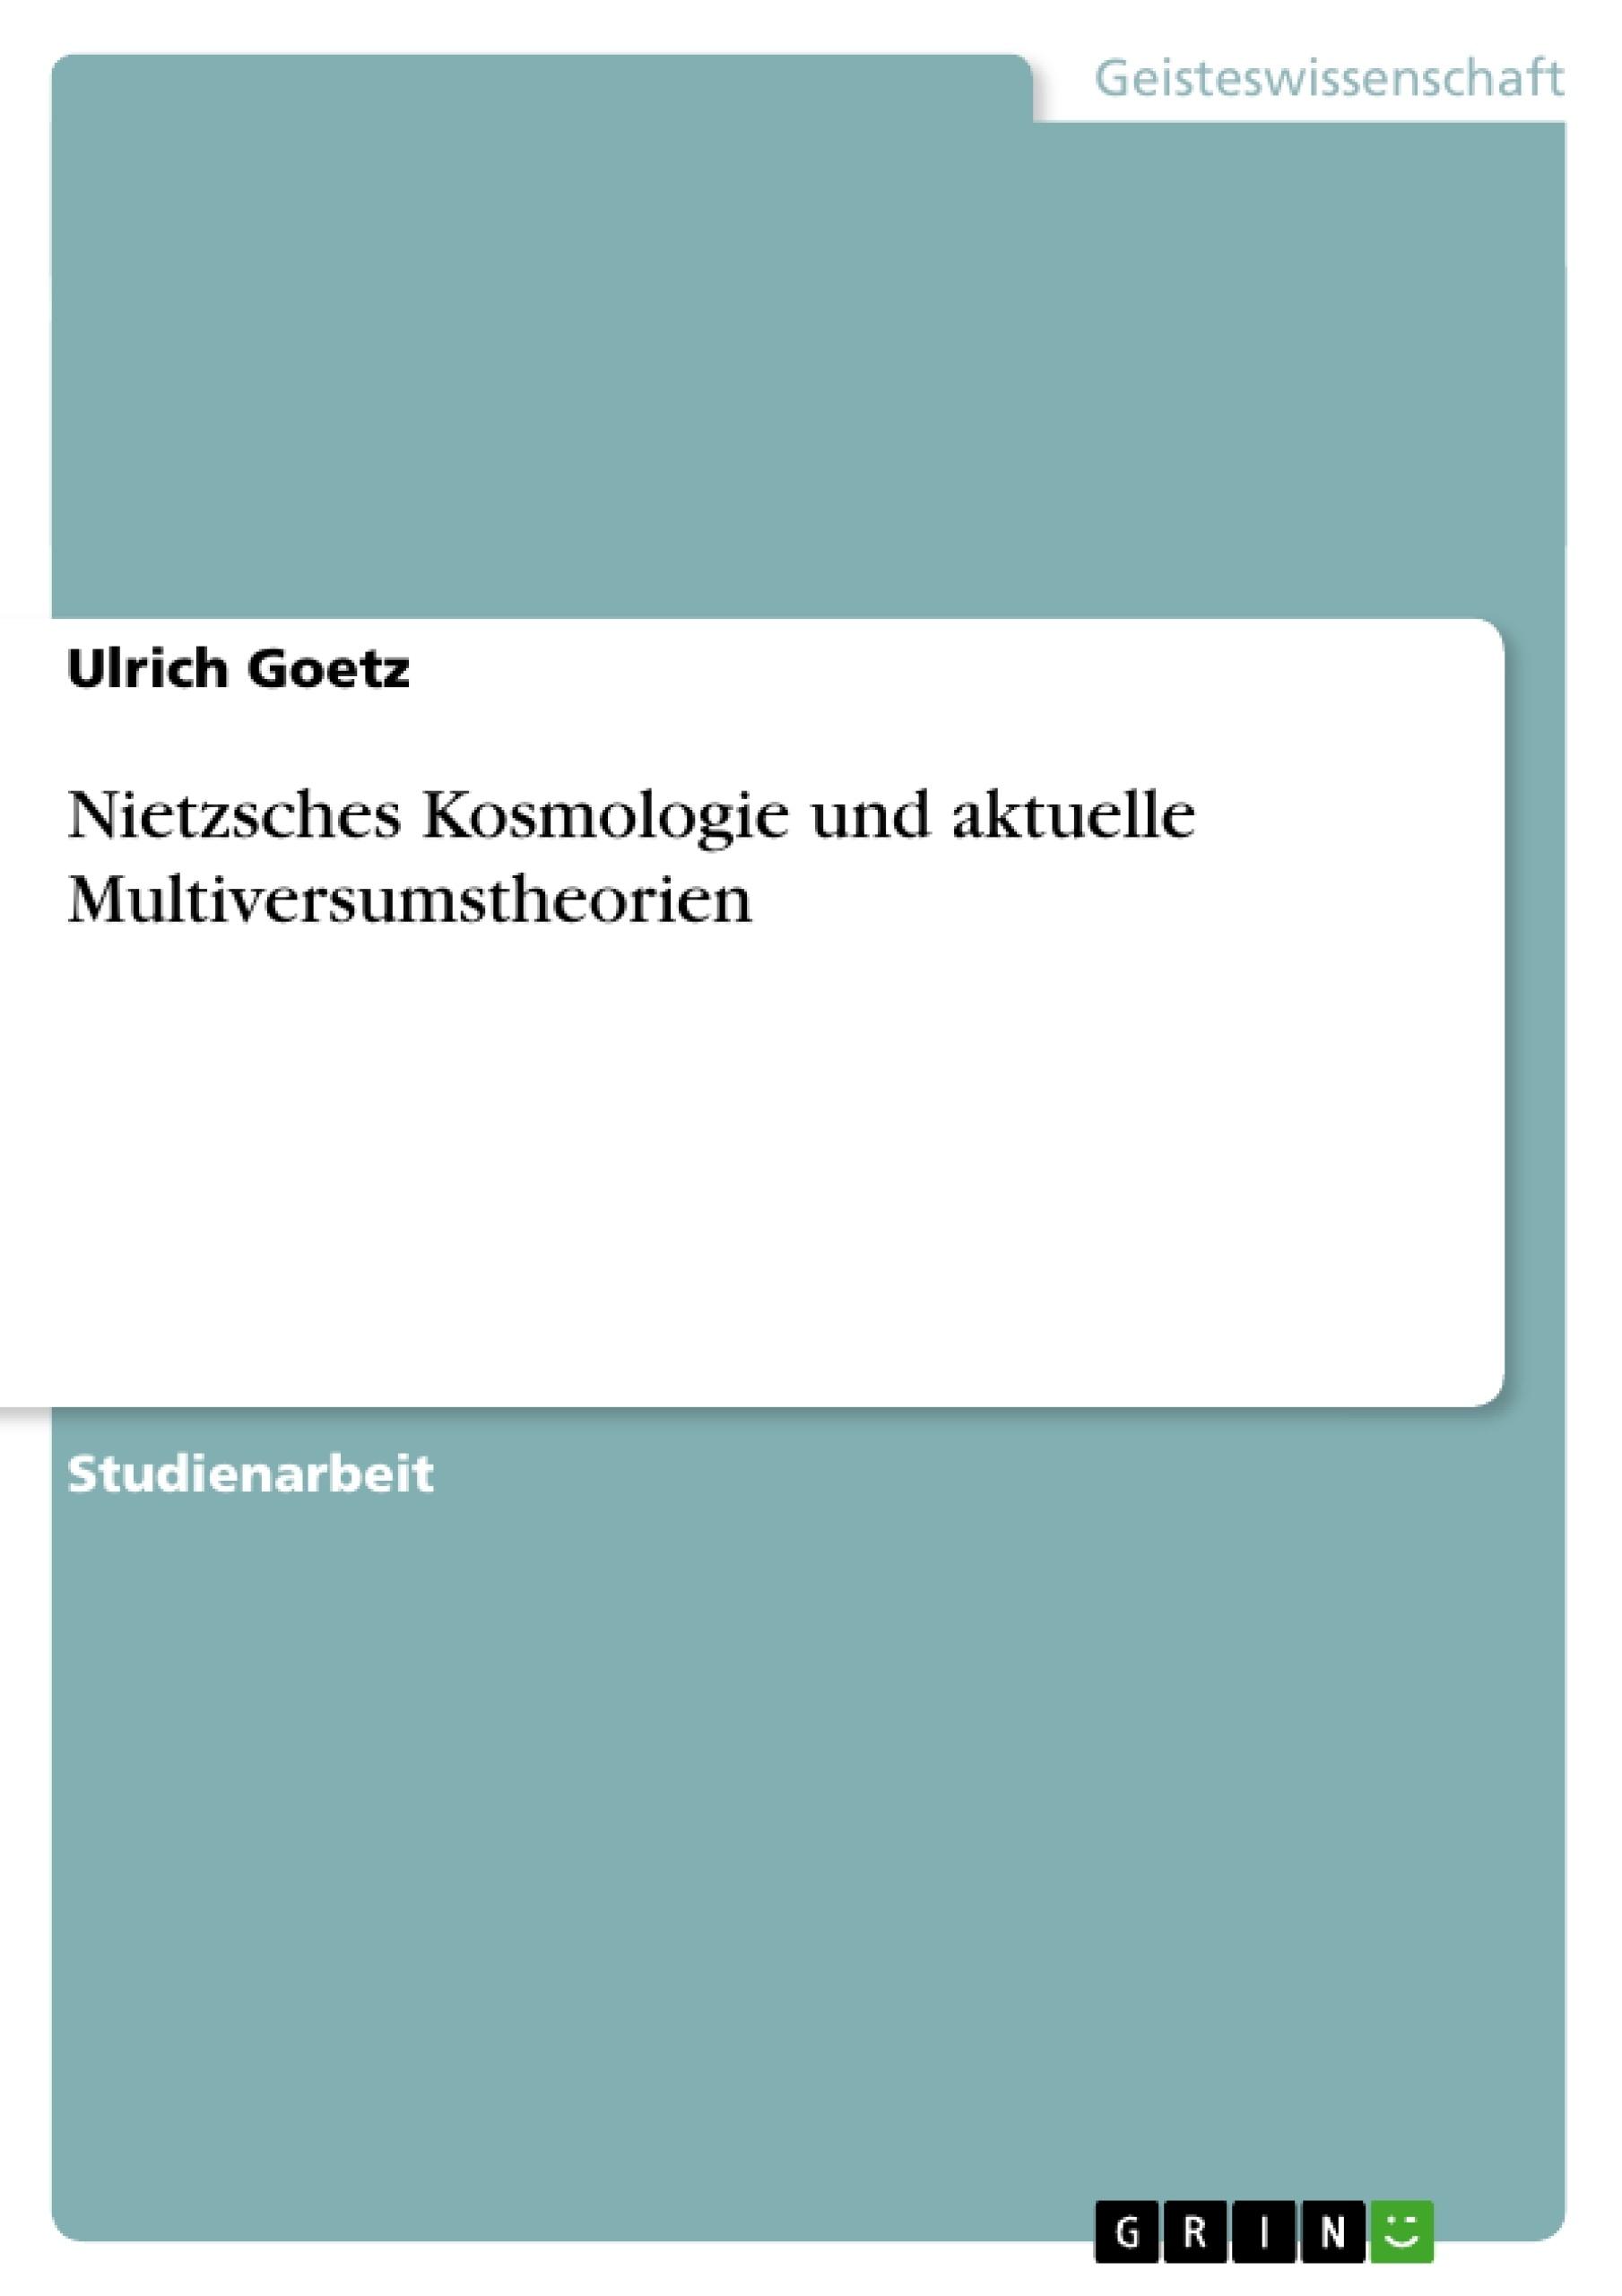 Titel: Nietzsches Kosmologie und aktuelle Multiversumstheorien